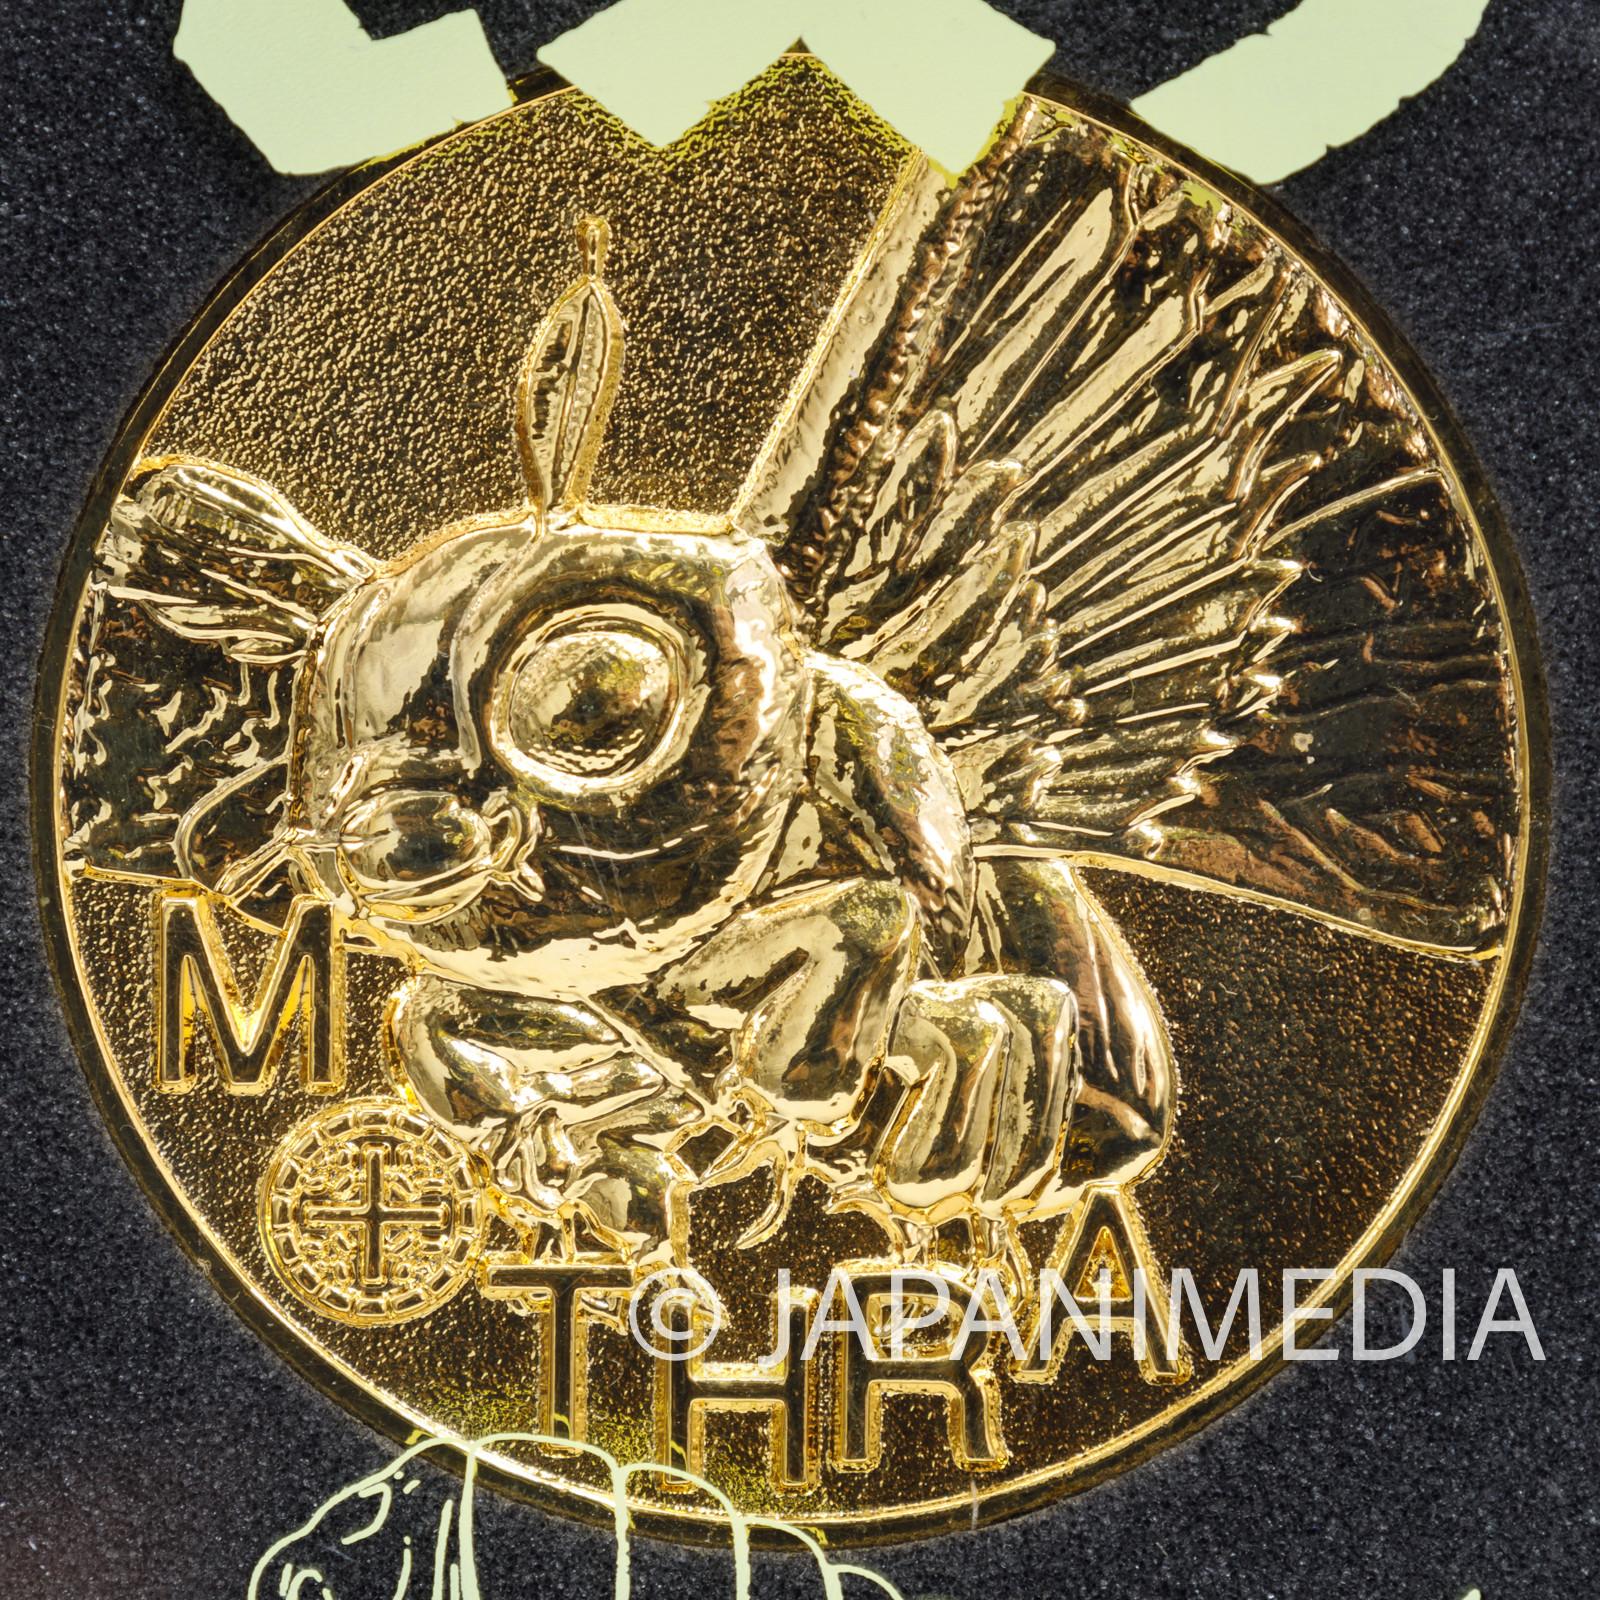 Mothra Movie 1996 Memorial Medal Toho JAPAN TOKUSATSU